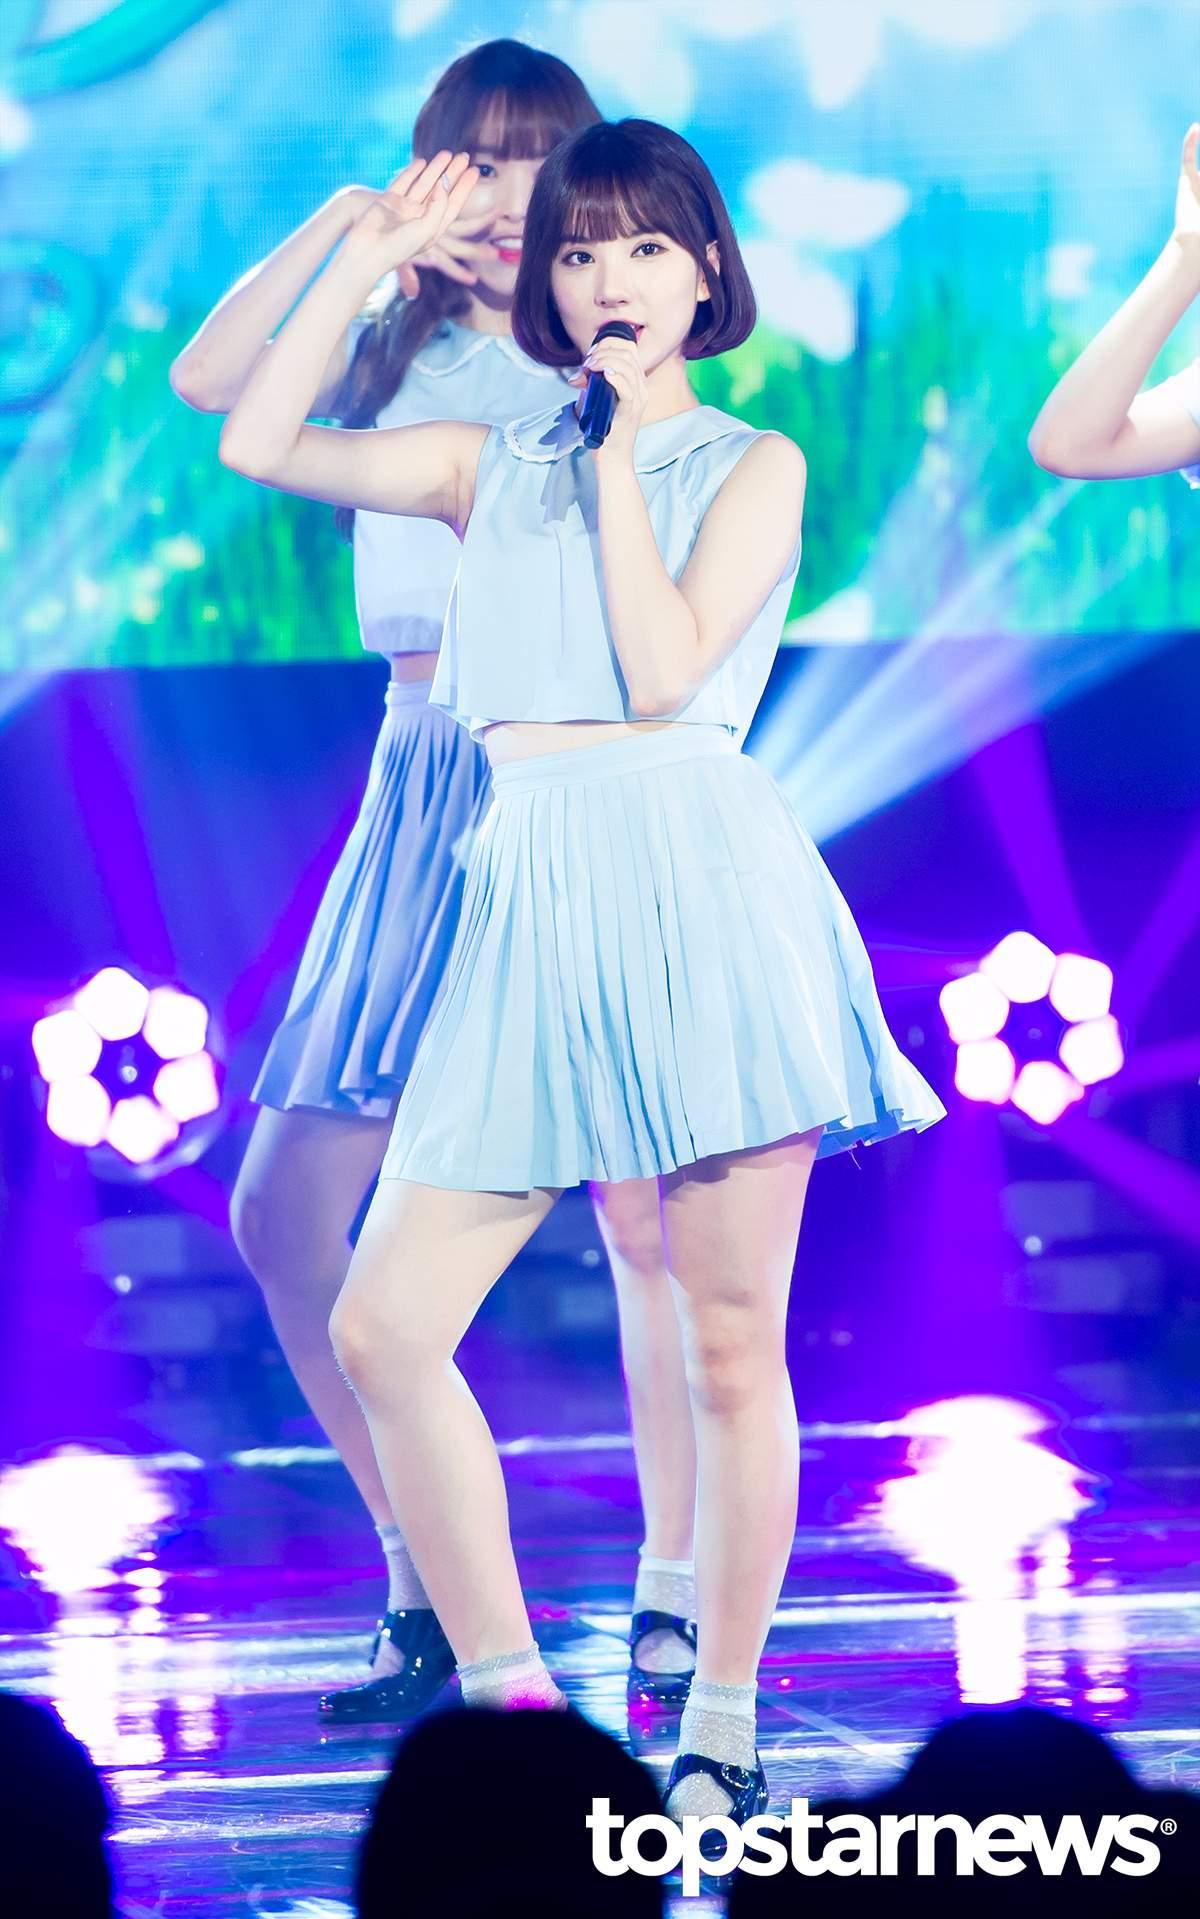 小編們非常喜歡Eunha髮尾內捲的樣子,配上齊眉毛的空氣瀏海,能夠讓人看起來更可愛!